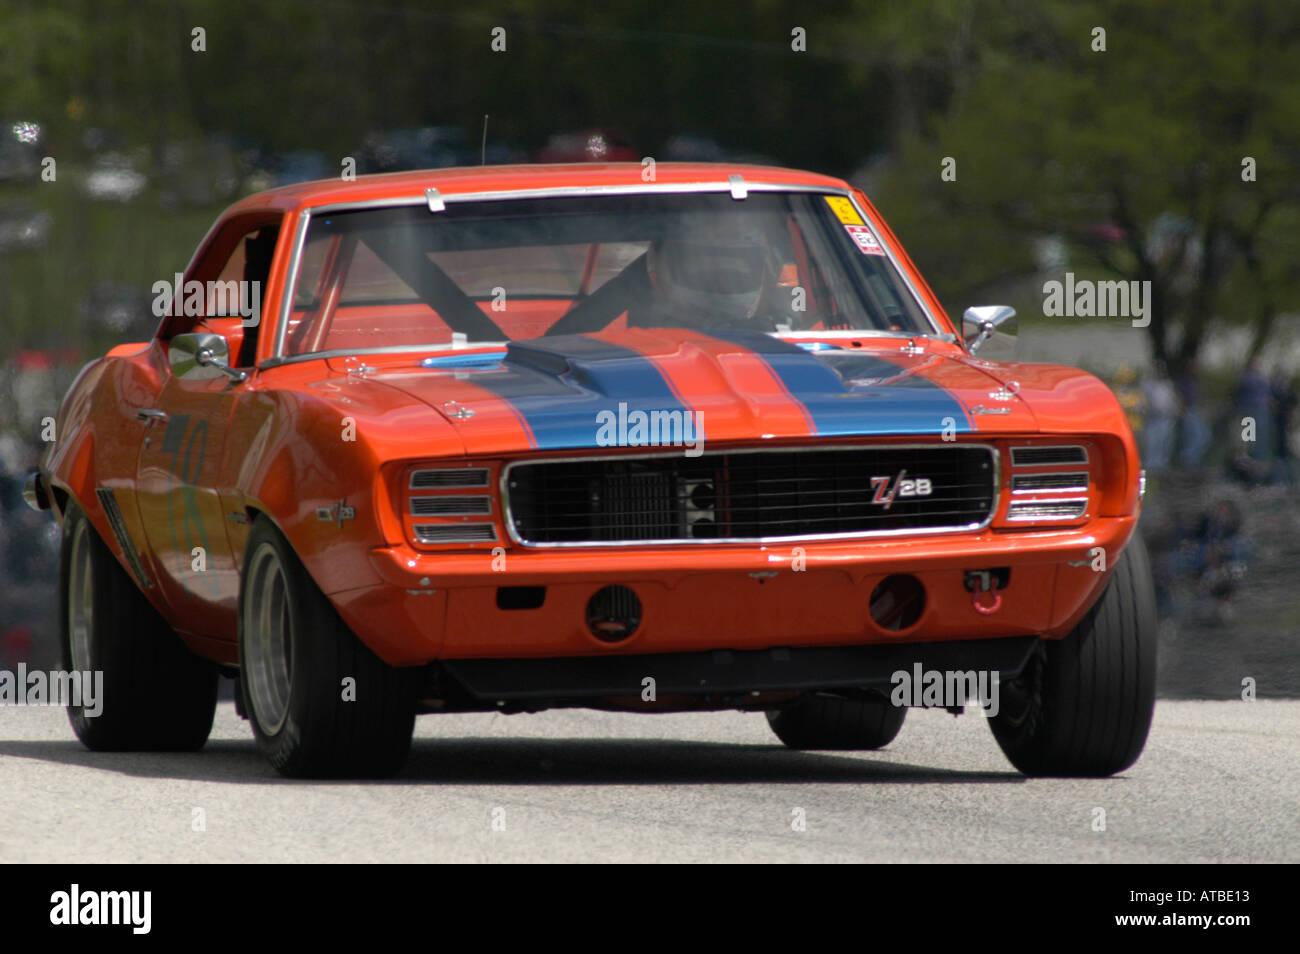 Camaro chevy camaro 2004 : Richard Lind races his 1969 Chevrolet Camaro at the SVRA Vintage ...